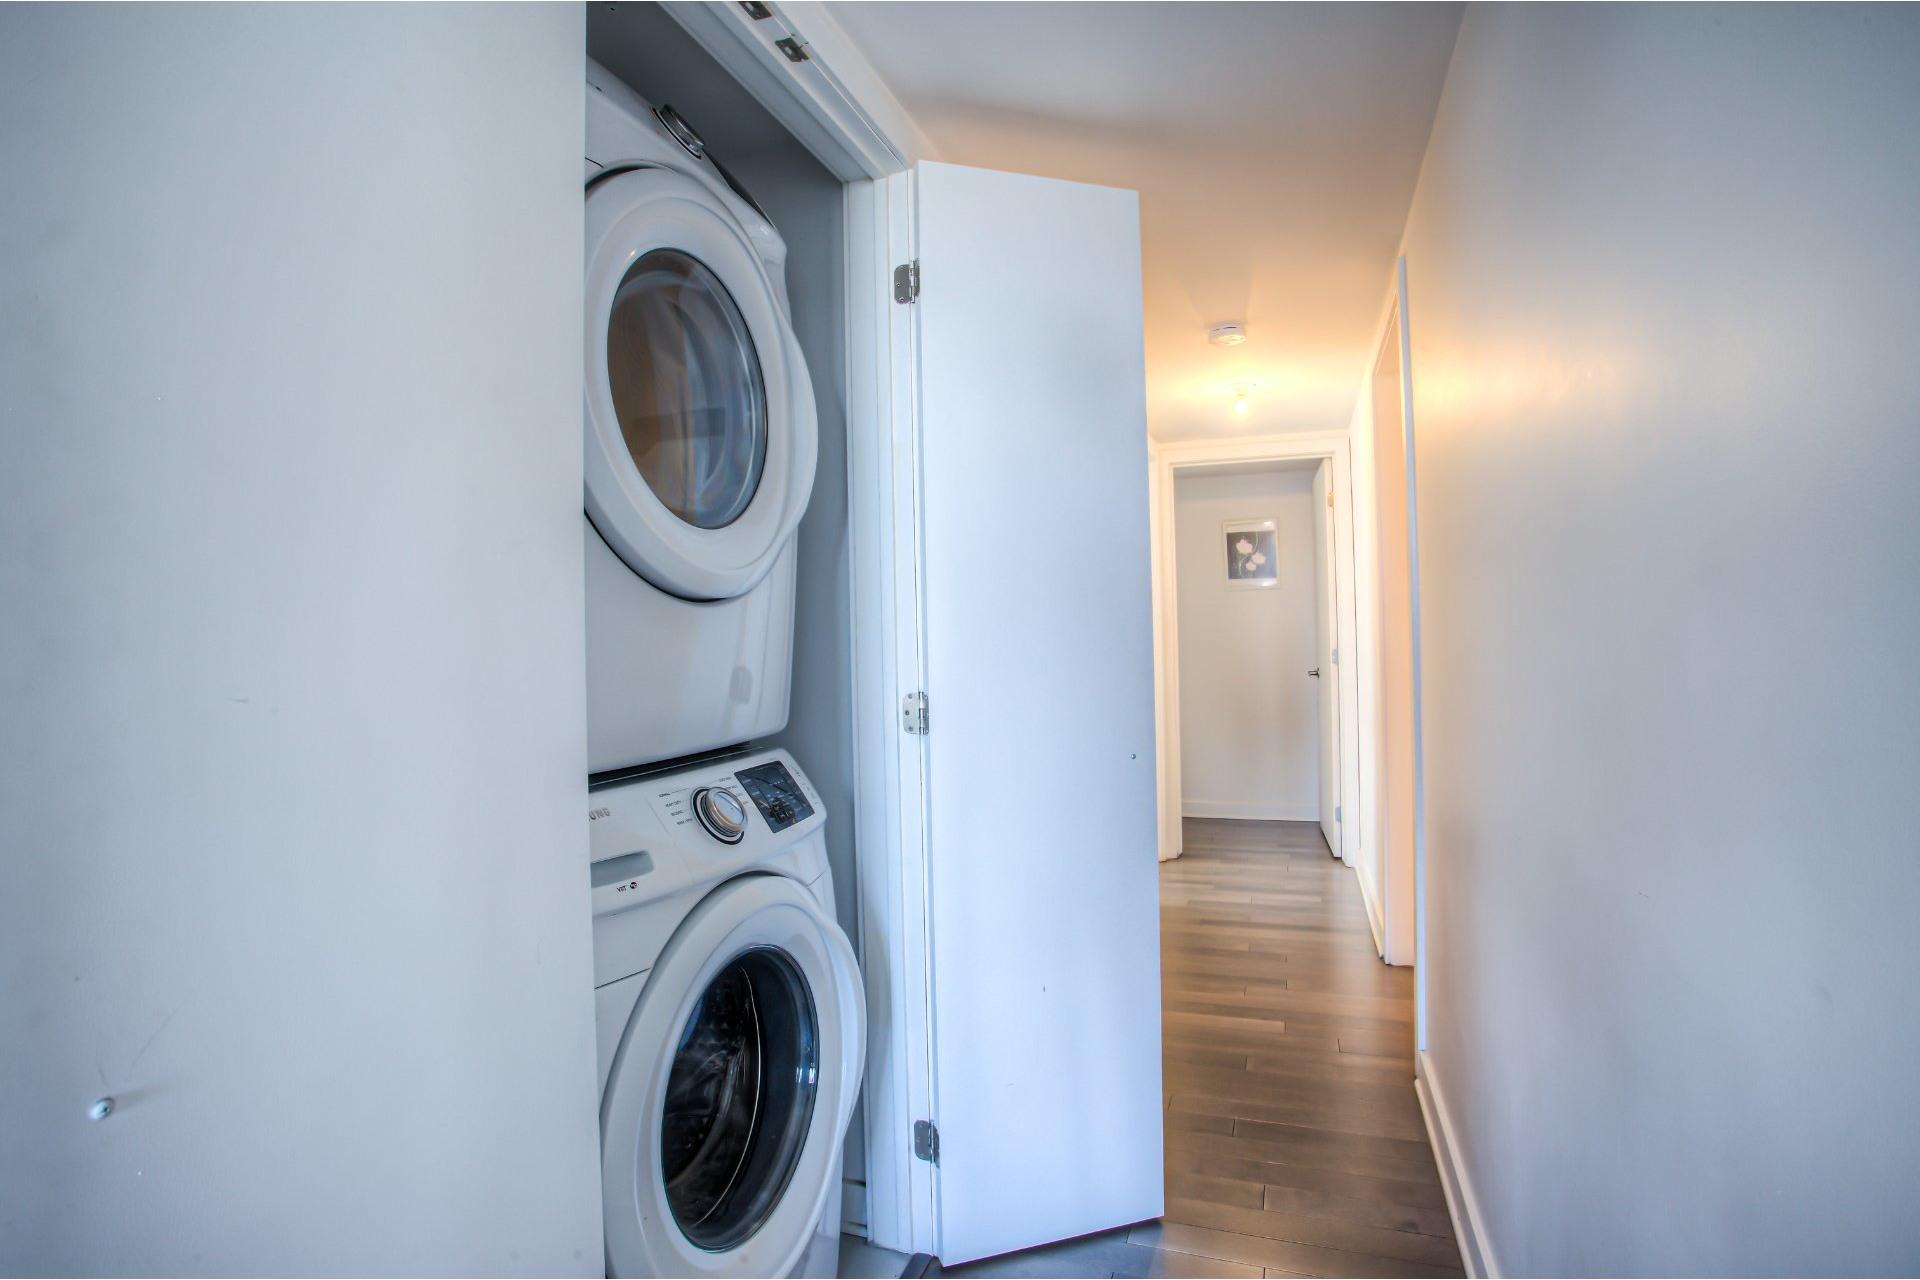 image 13 - Apartment For sale Ahuntsic-Cartierville Montréal  - 7 rooms